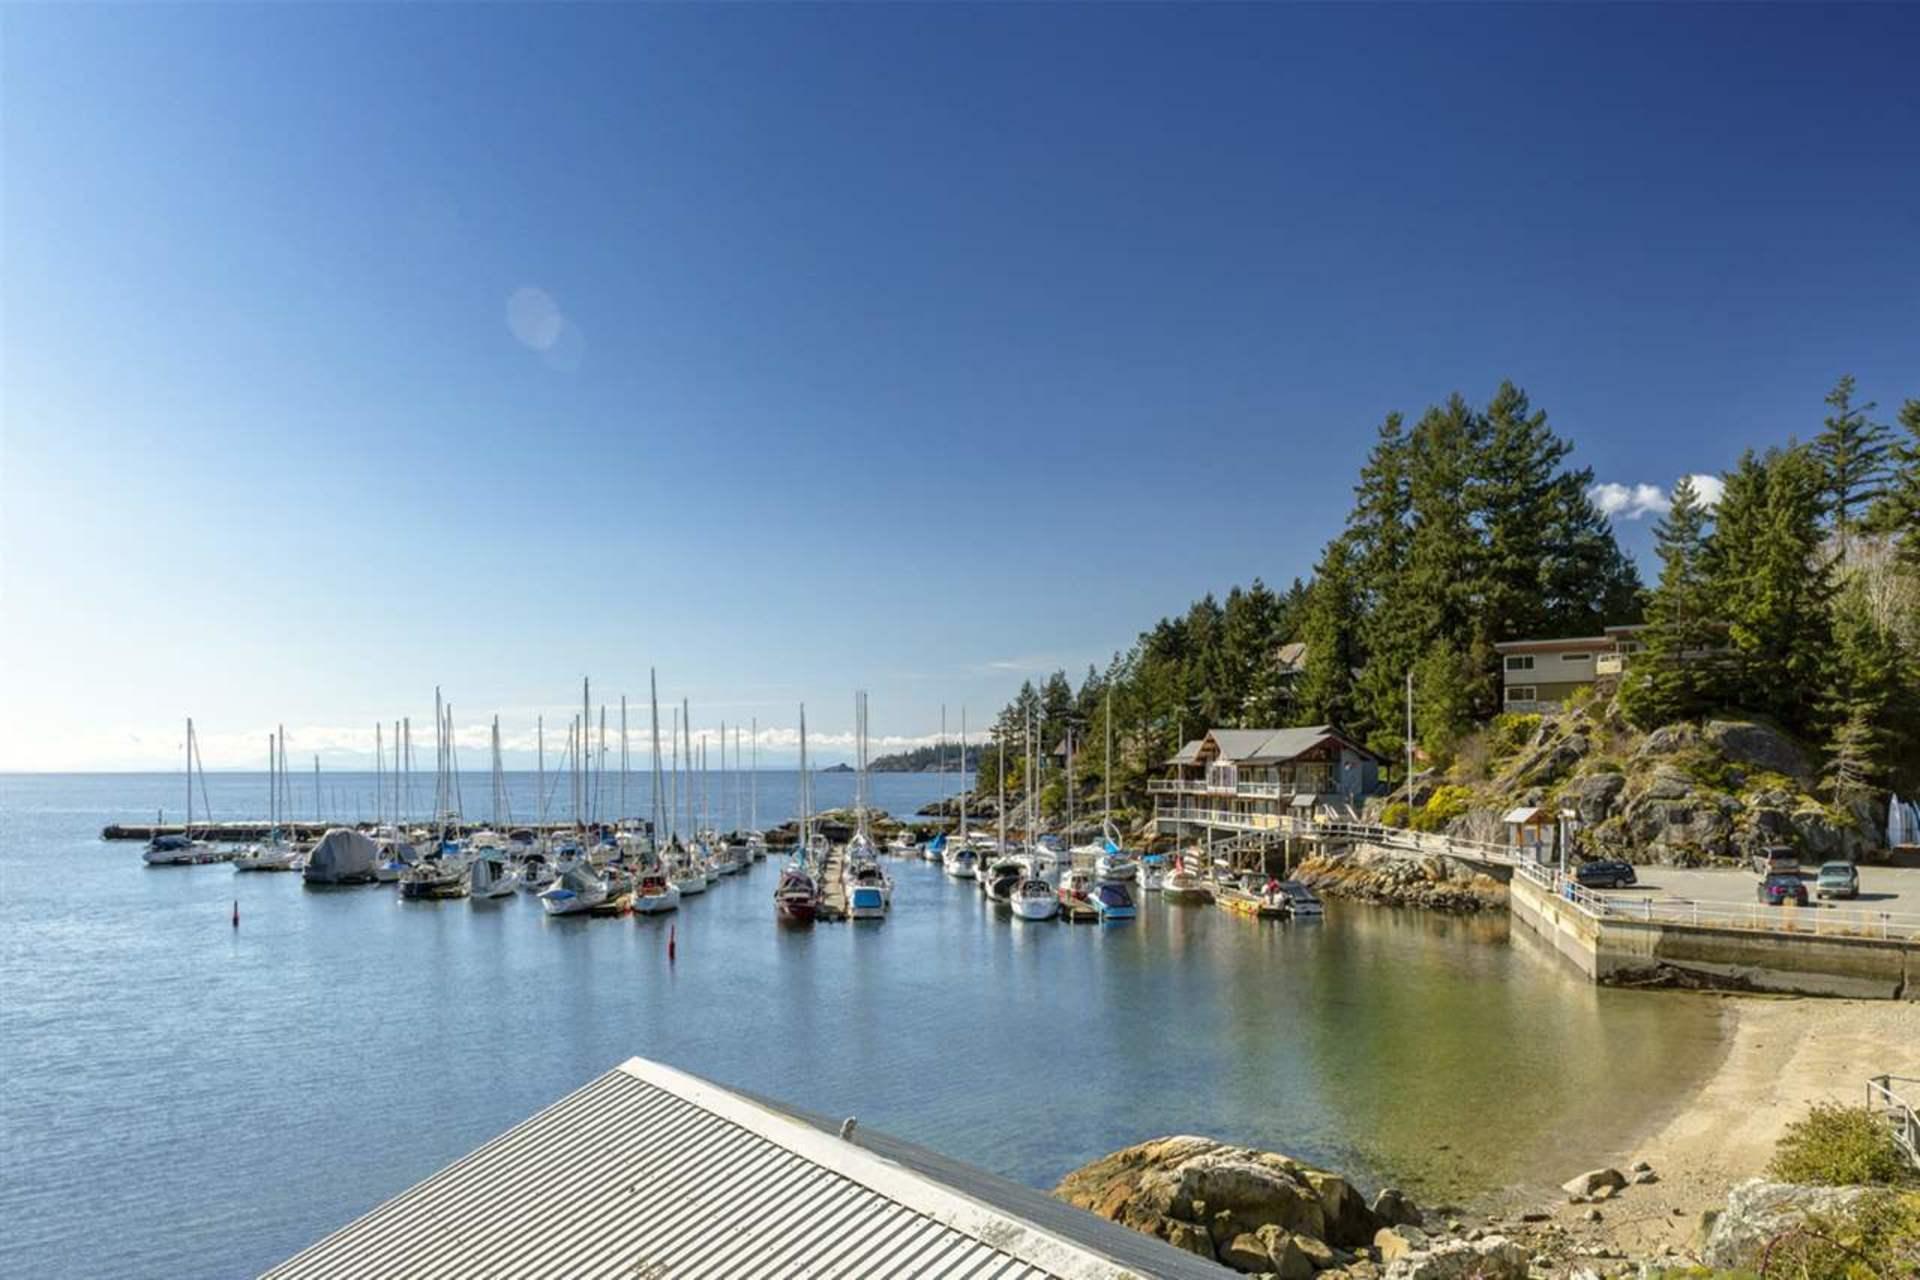 5648-eagle-harbour-road-eagle-harbour-west-vancouver-20 at 5648 Eagle Harbour Road, Eagle Harbour, West Vancouver